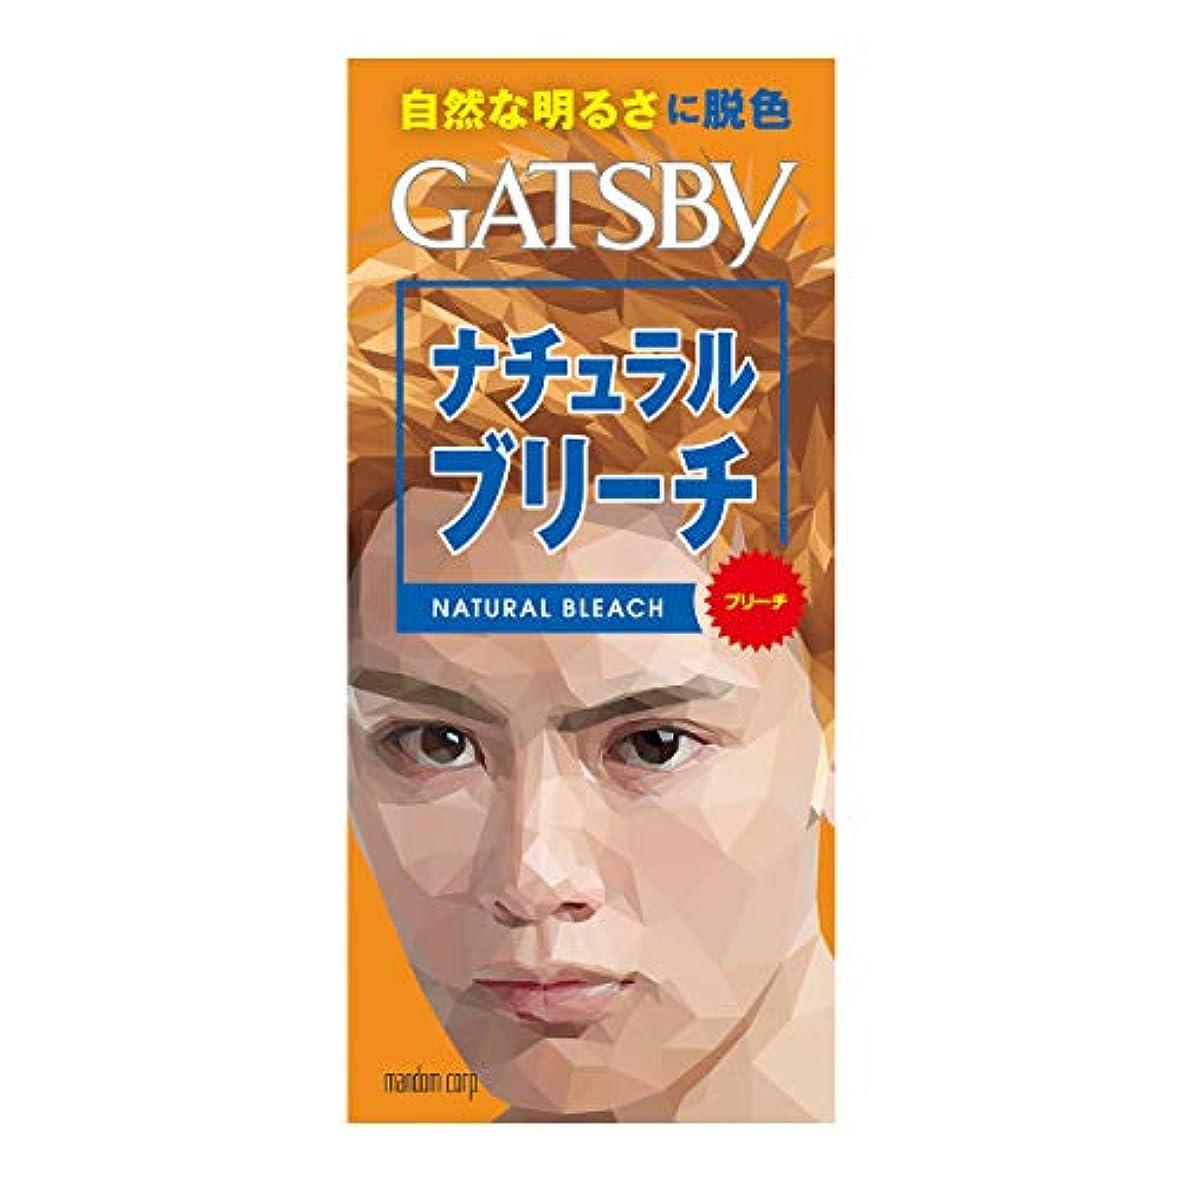 脚正当な古くなったギャツビー ナチュラルブリーチ 【HTRC5.1】